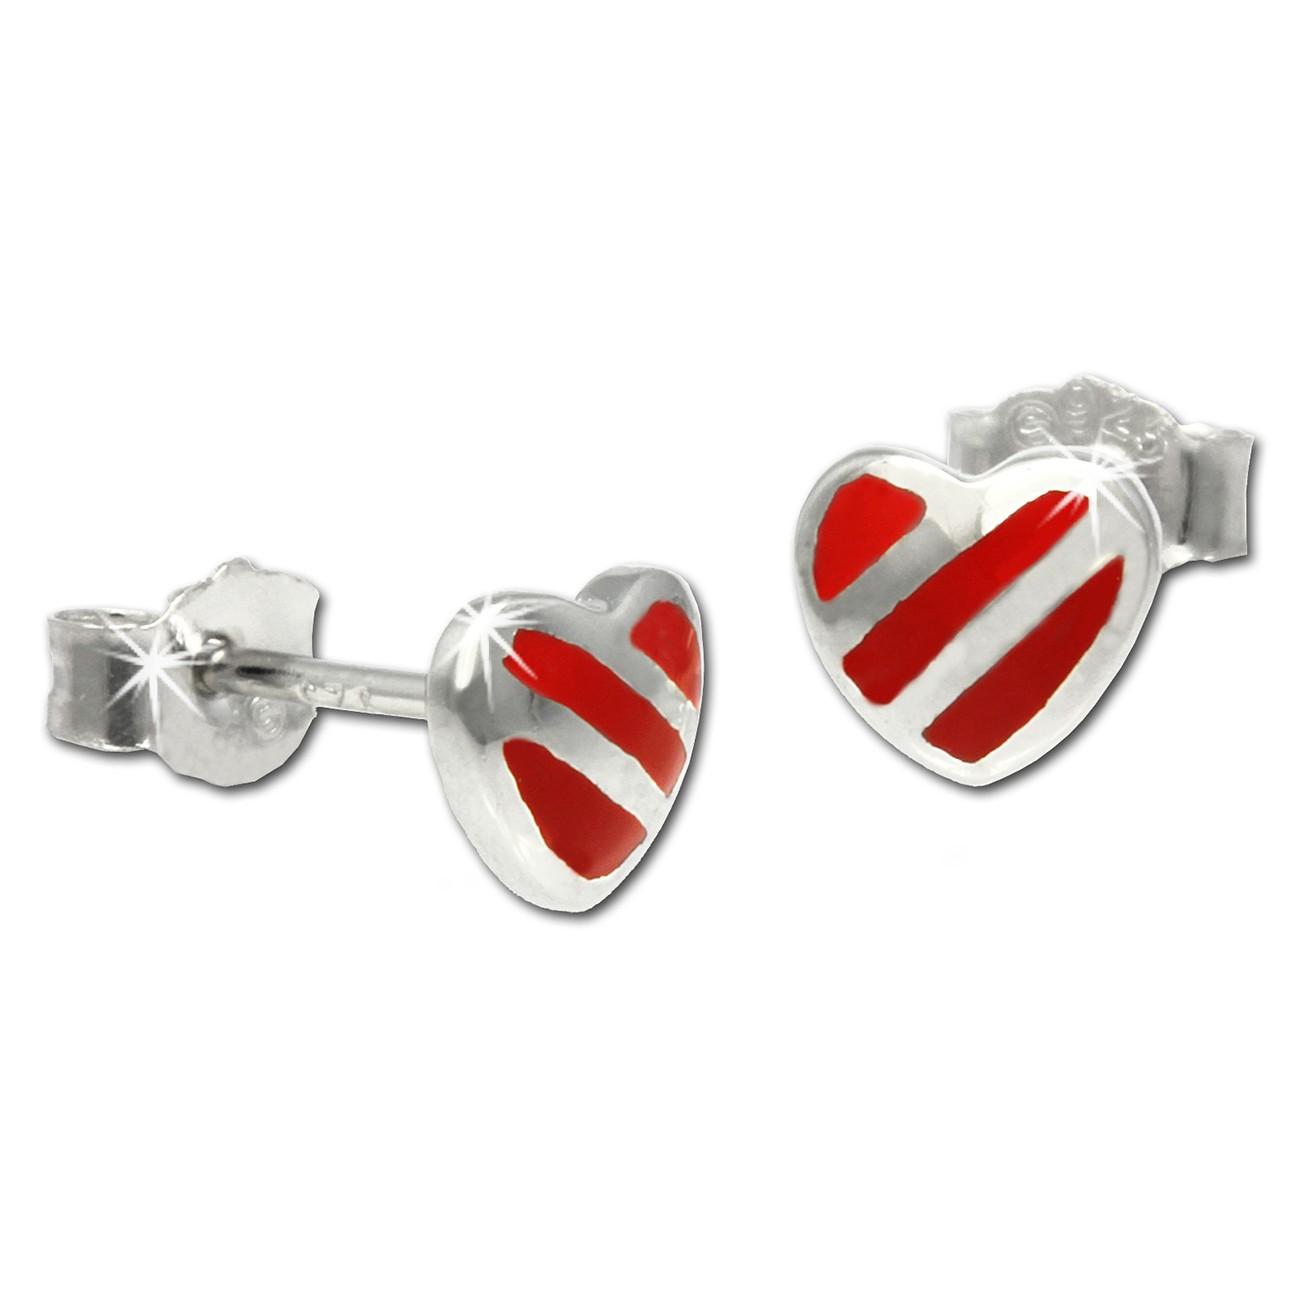 Kinder Ohrring Herz rot-silber Silber Ohrstecker Kinderschmuck SDO207R